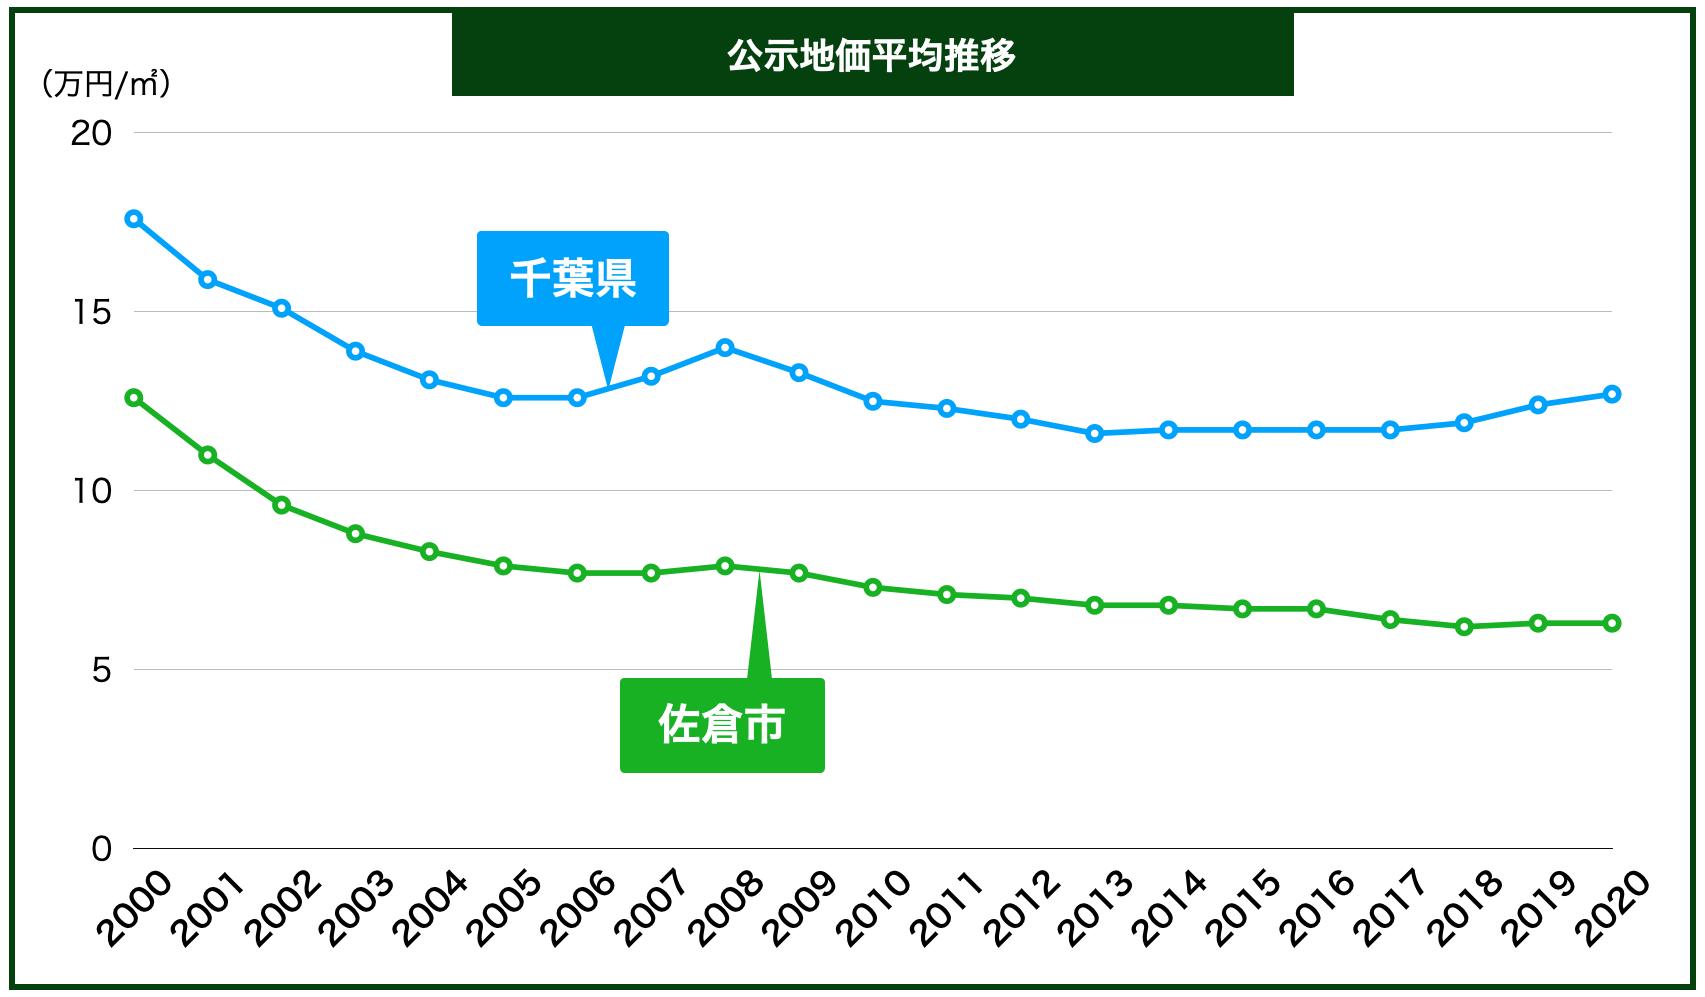 佐倉市の公示地価の推移